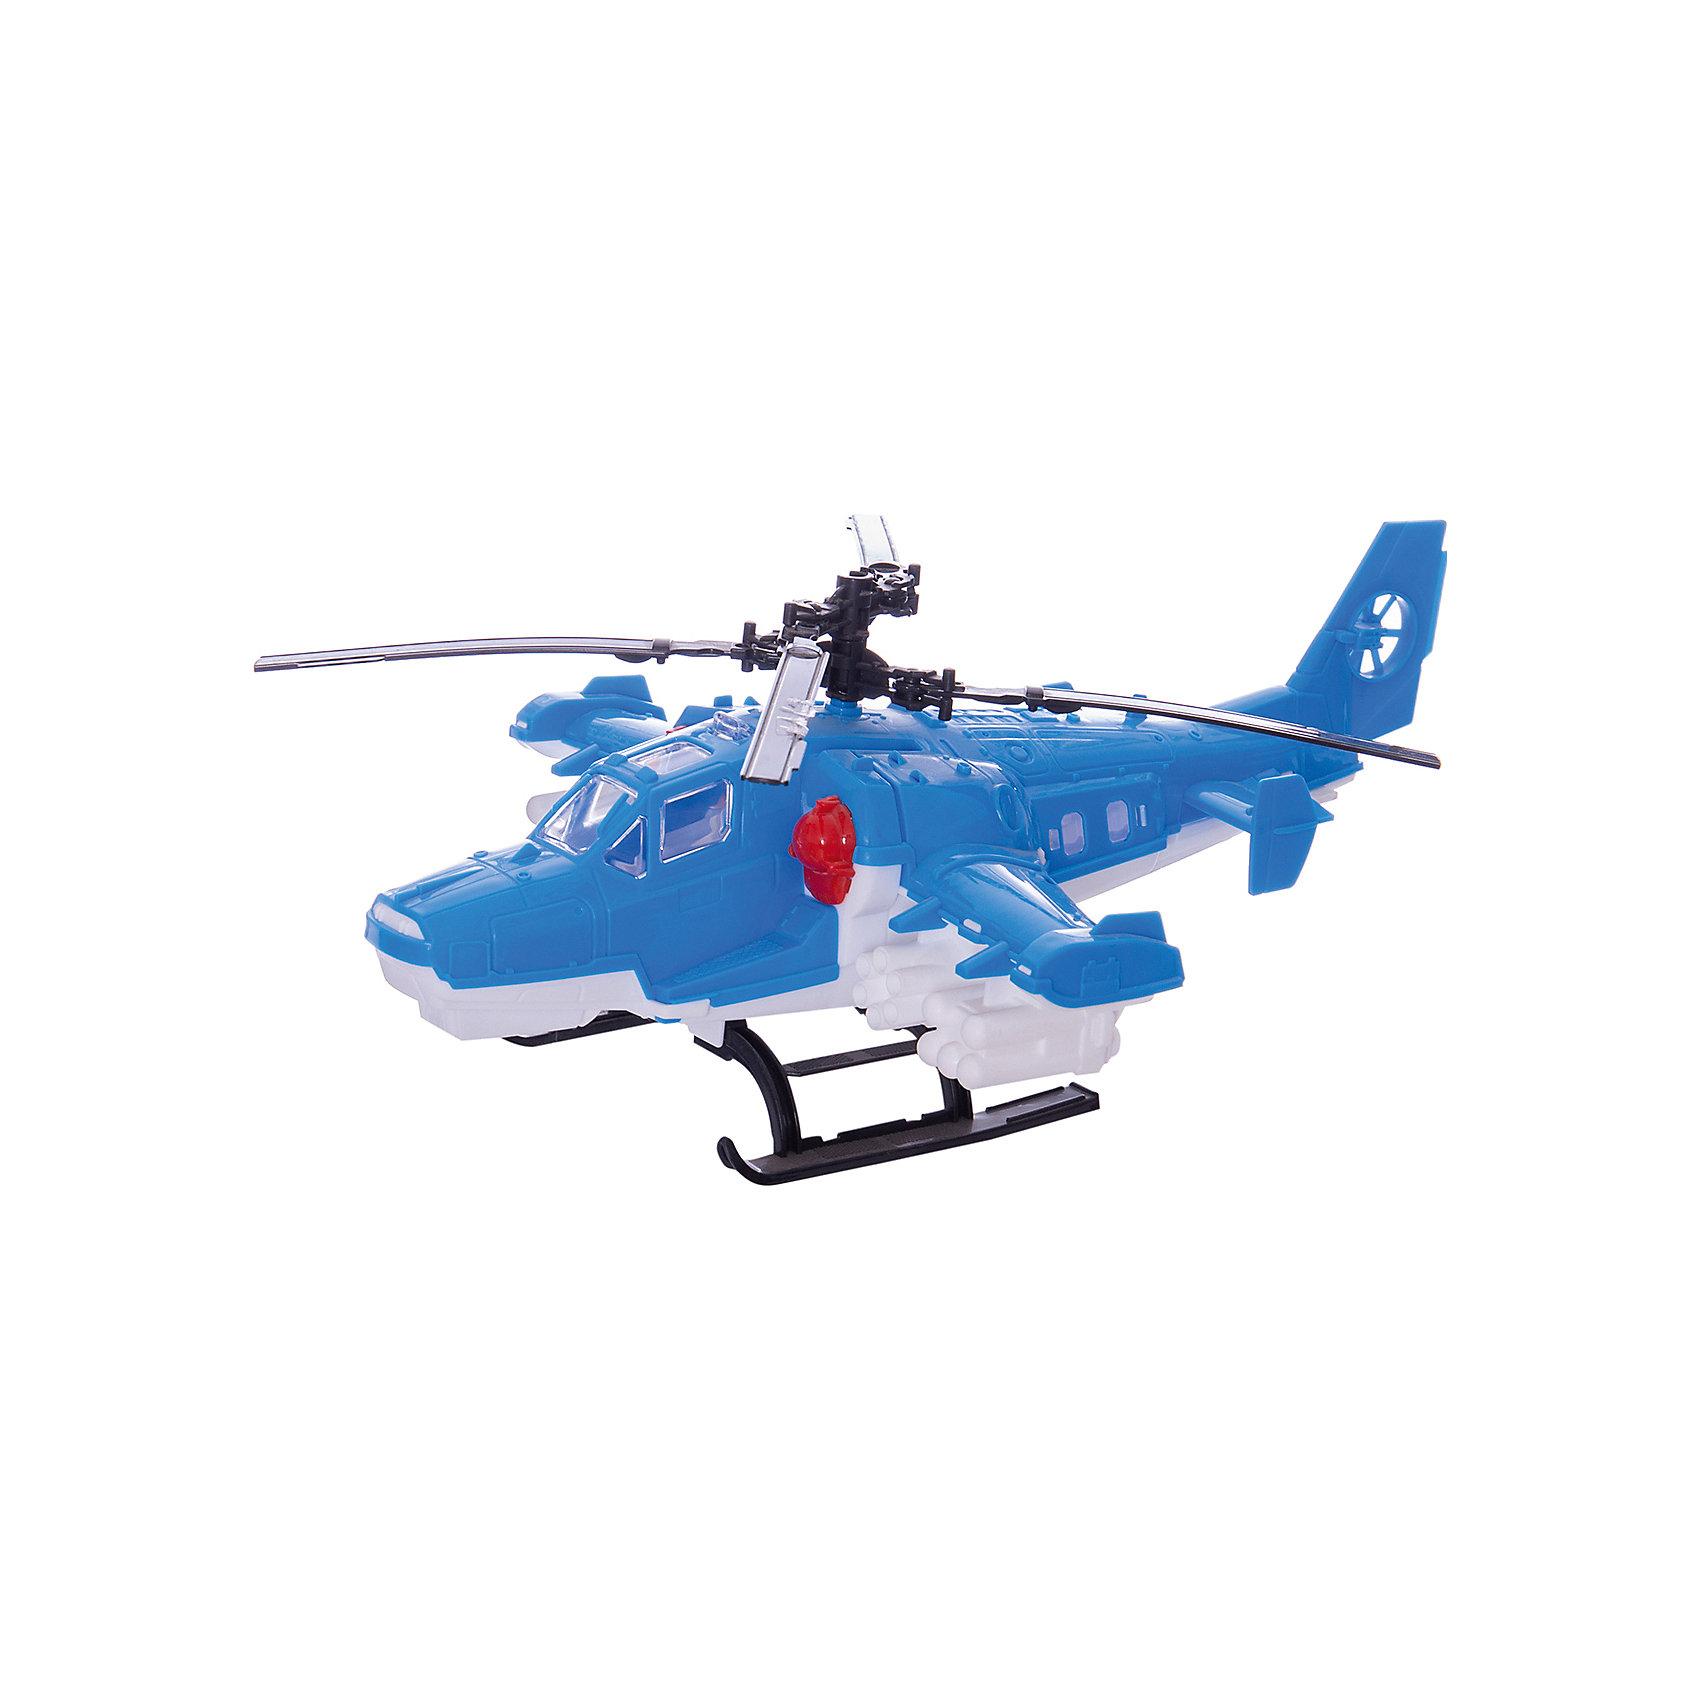 Вертолет Полиция, НордпластВертолет Полиция, Нордпласт - это яркий пластмассовый вертолет, которым интересно будет играть вашему мальчику.<br>Вертолет Полиция от компании Нордпласт обязательно понравится любому мальчику! Все элементы игрушки очень детально проработаны и максимально приближены к реальной модели вертолета. Лопасти игрушки крутятся, открывается грузовой люк, что позволяет провозить в нем мелкий груз, например игрушечных солдатиков. Игрушка изготовлена из высококачественной пищевой пластмассы, без трещин и заусениц, поэтому во время эксплуатации выдержит многие детские шалости. Она покрыта нетоксичной краской, не облупливающейся и не выгорающей на солнце. Товар соответствует требованиям стандарта для детских игрушек и имеет сертификат качества.<br><br>Дополнительная информация:<br><br>- Материал: высококачественная пластмасса<br>- Размер: 40 х 15,5 х 27 см.<br>- Вес: 290 гр.<br><br>Вертолет Полиция, Нордпласт можно купить в нашем интернет-магазине.<br><br>Ширина мм: 155<br>Глубина мм: 270<br>Высота мм: 400<br>Вес г: 290<br>Возраст от месяцев: 36<br>Возраст до месяцев: 72<br>Пол: Мужской<br>Возраст: Детский<br>SKU: 4112744